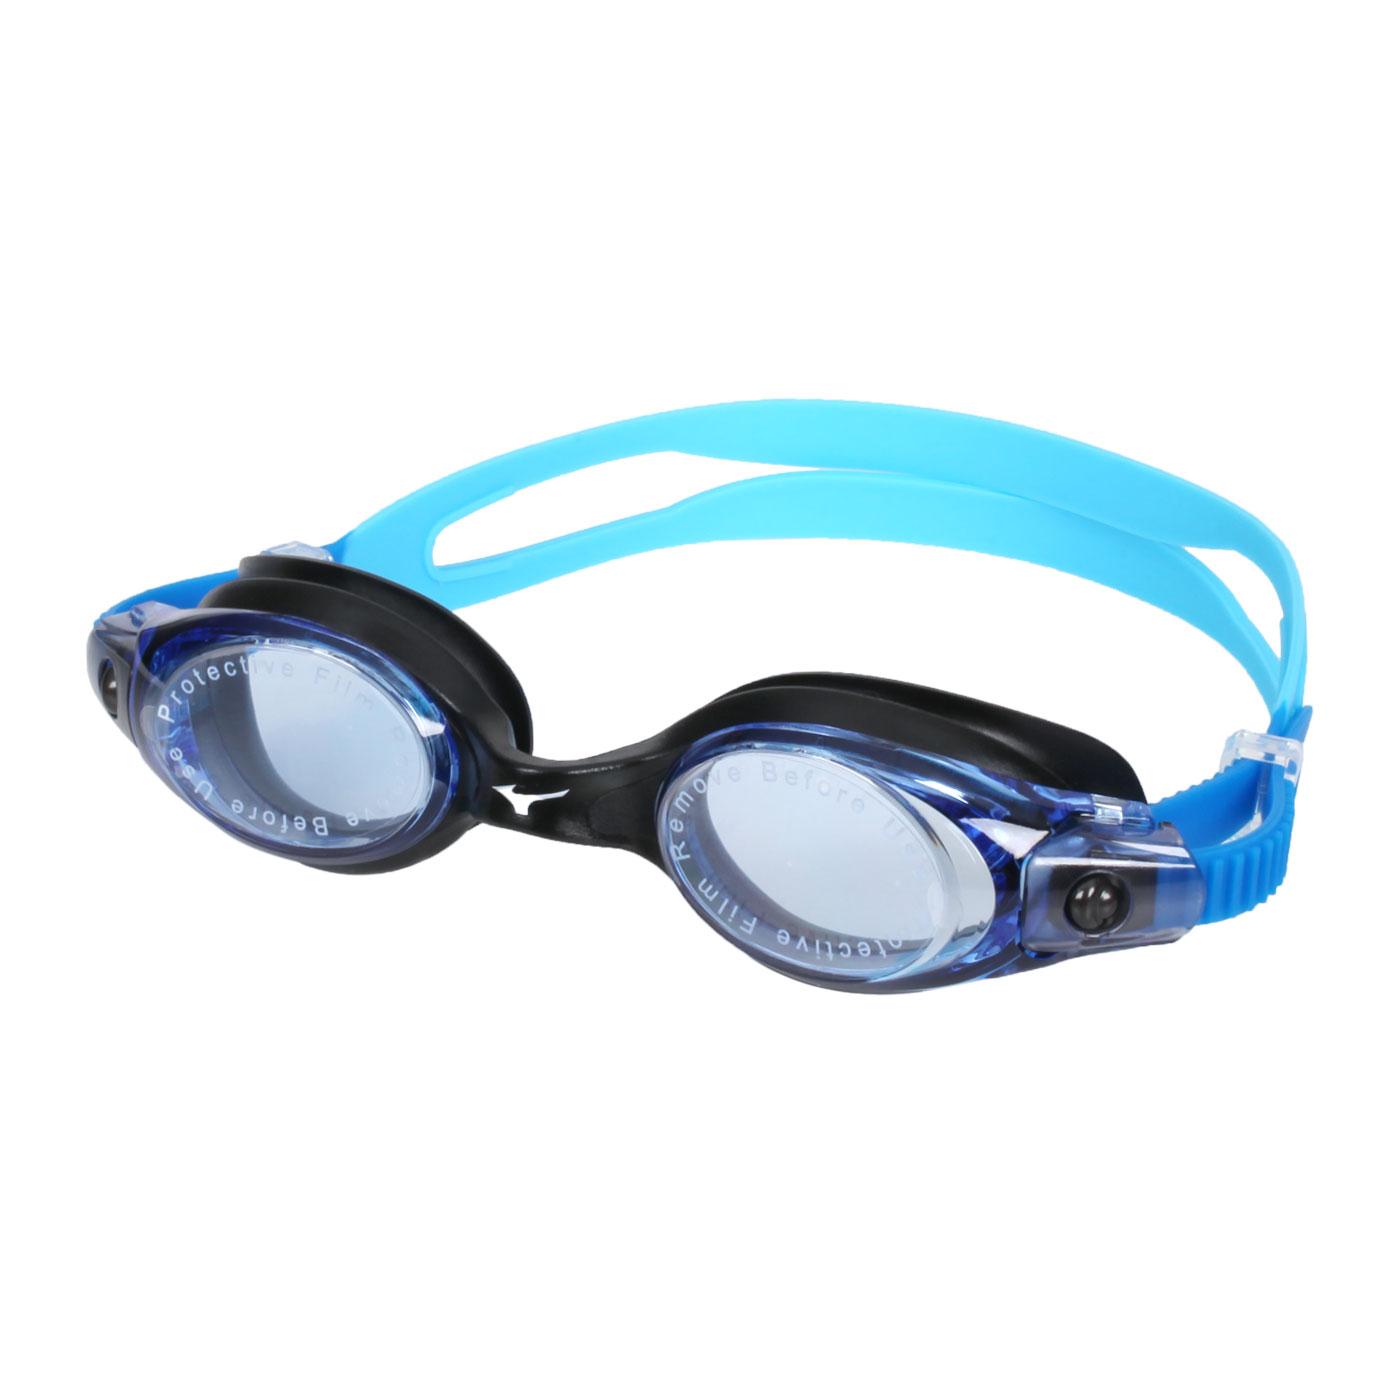 MIZUNO 泳鏡  SWIMN3TE701000-22 - 水藍黑